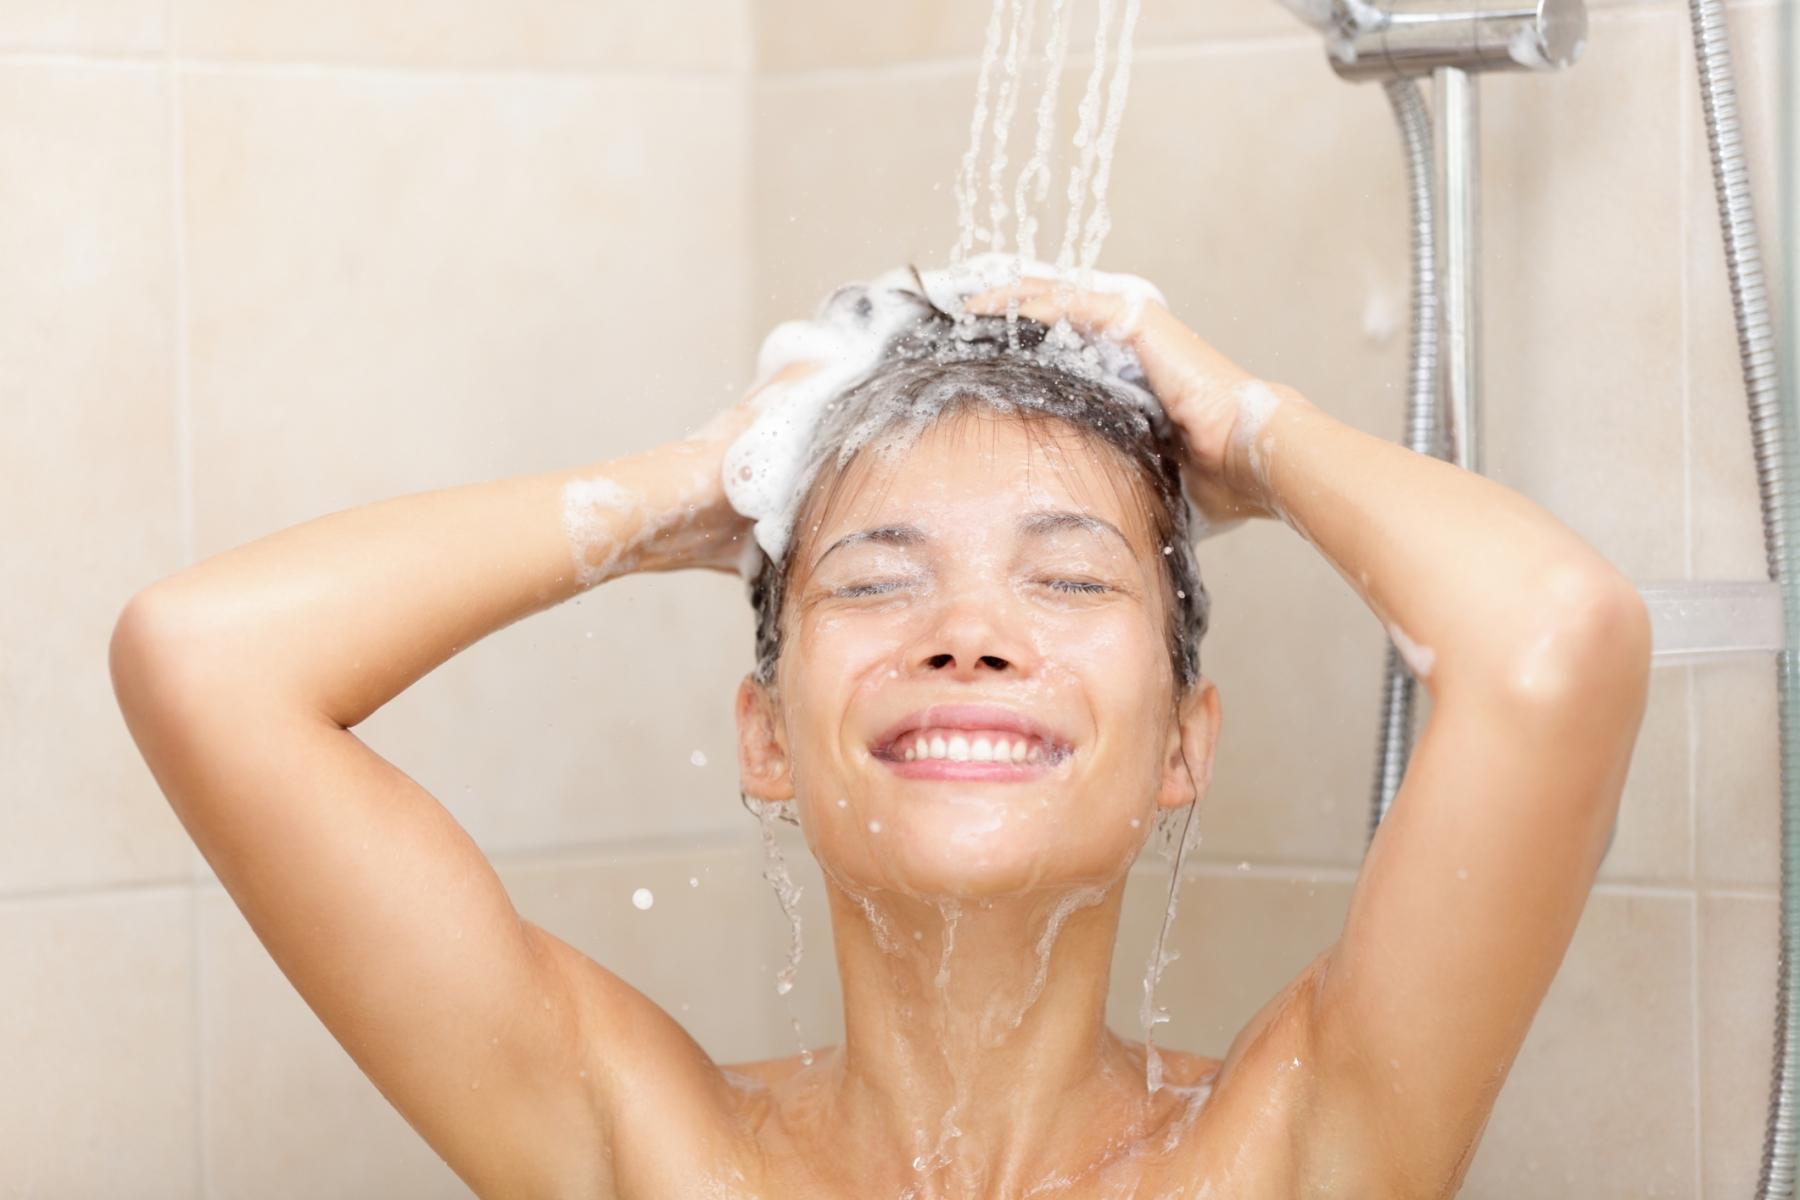 Persona bañandose - Imagui